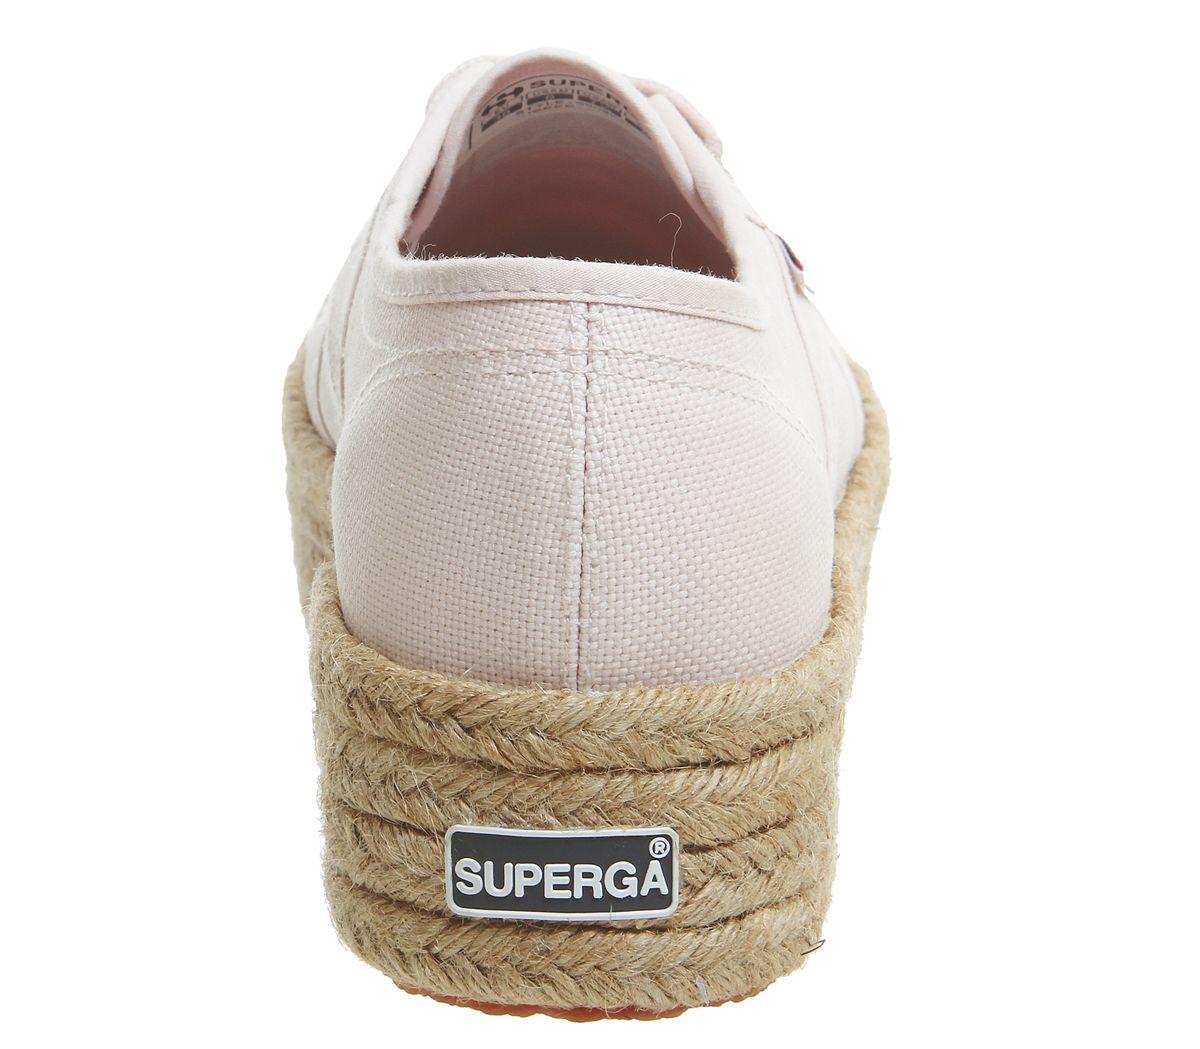 94c6610945 Donna-Superga-2790-Scarpe-Rosa-pelle-Espadrillas-Scarpe miniatura